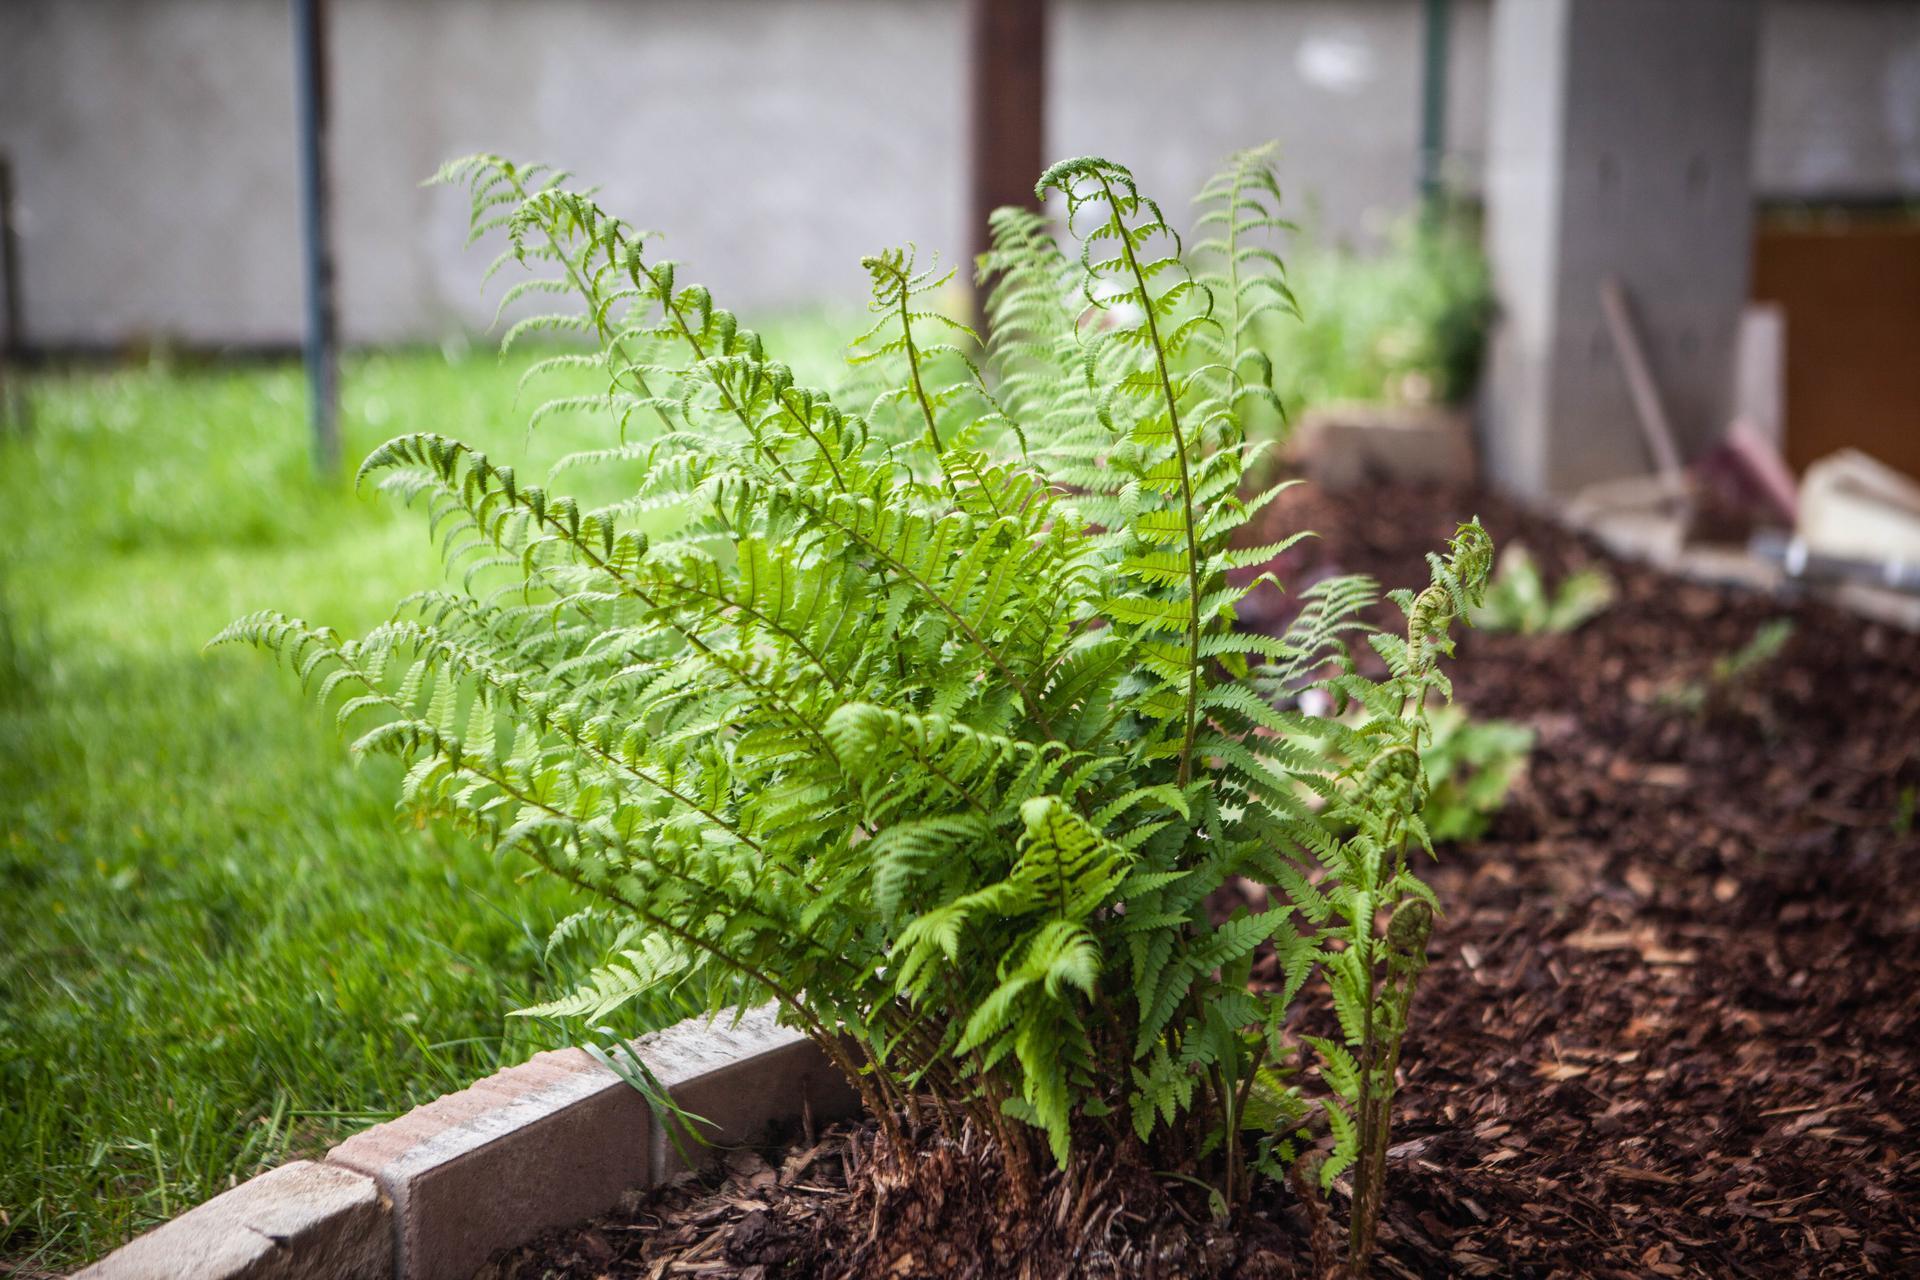 U nas v zahrade v roku 2021 - suseda vykopavala paprad a dala mi taku velku hrudu s korenmi - krasne sa chytila